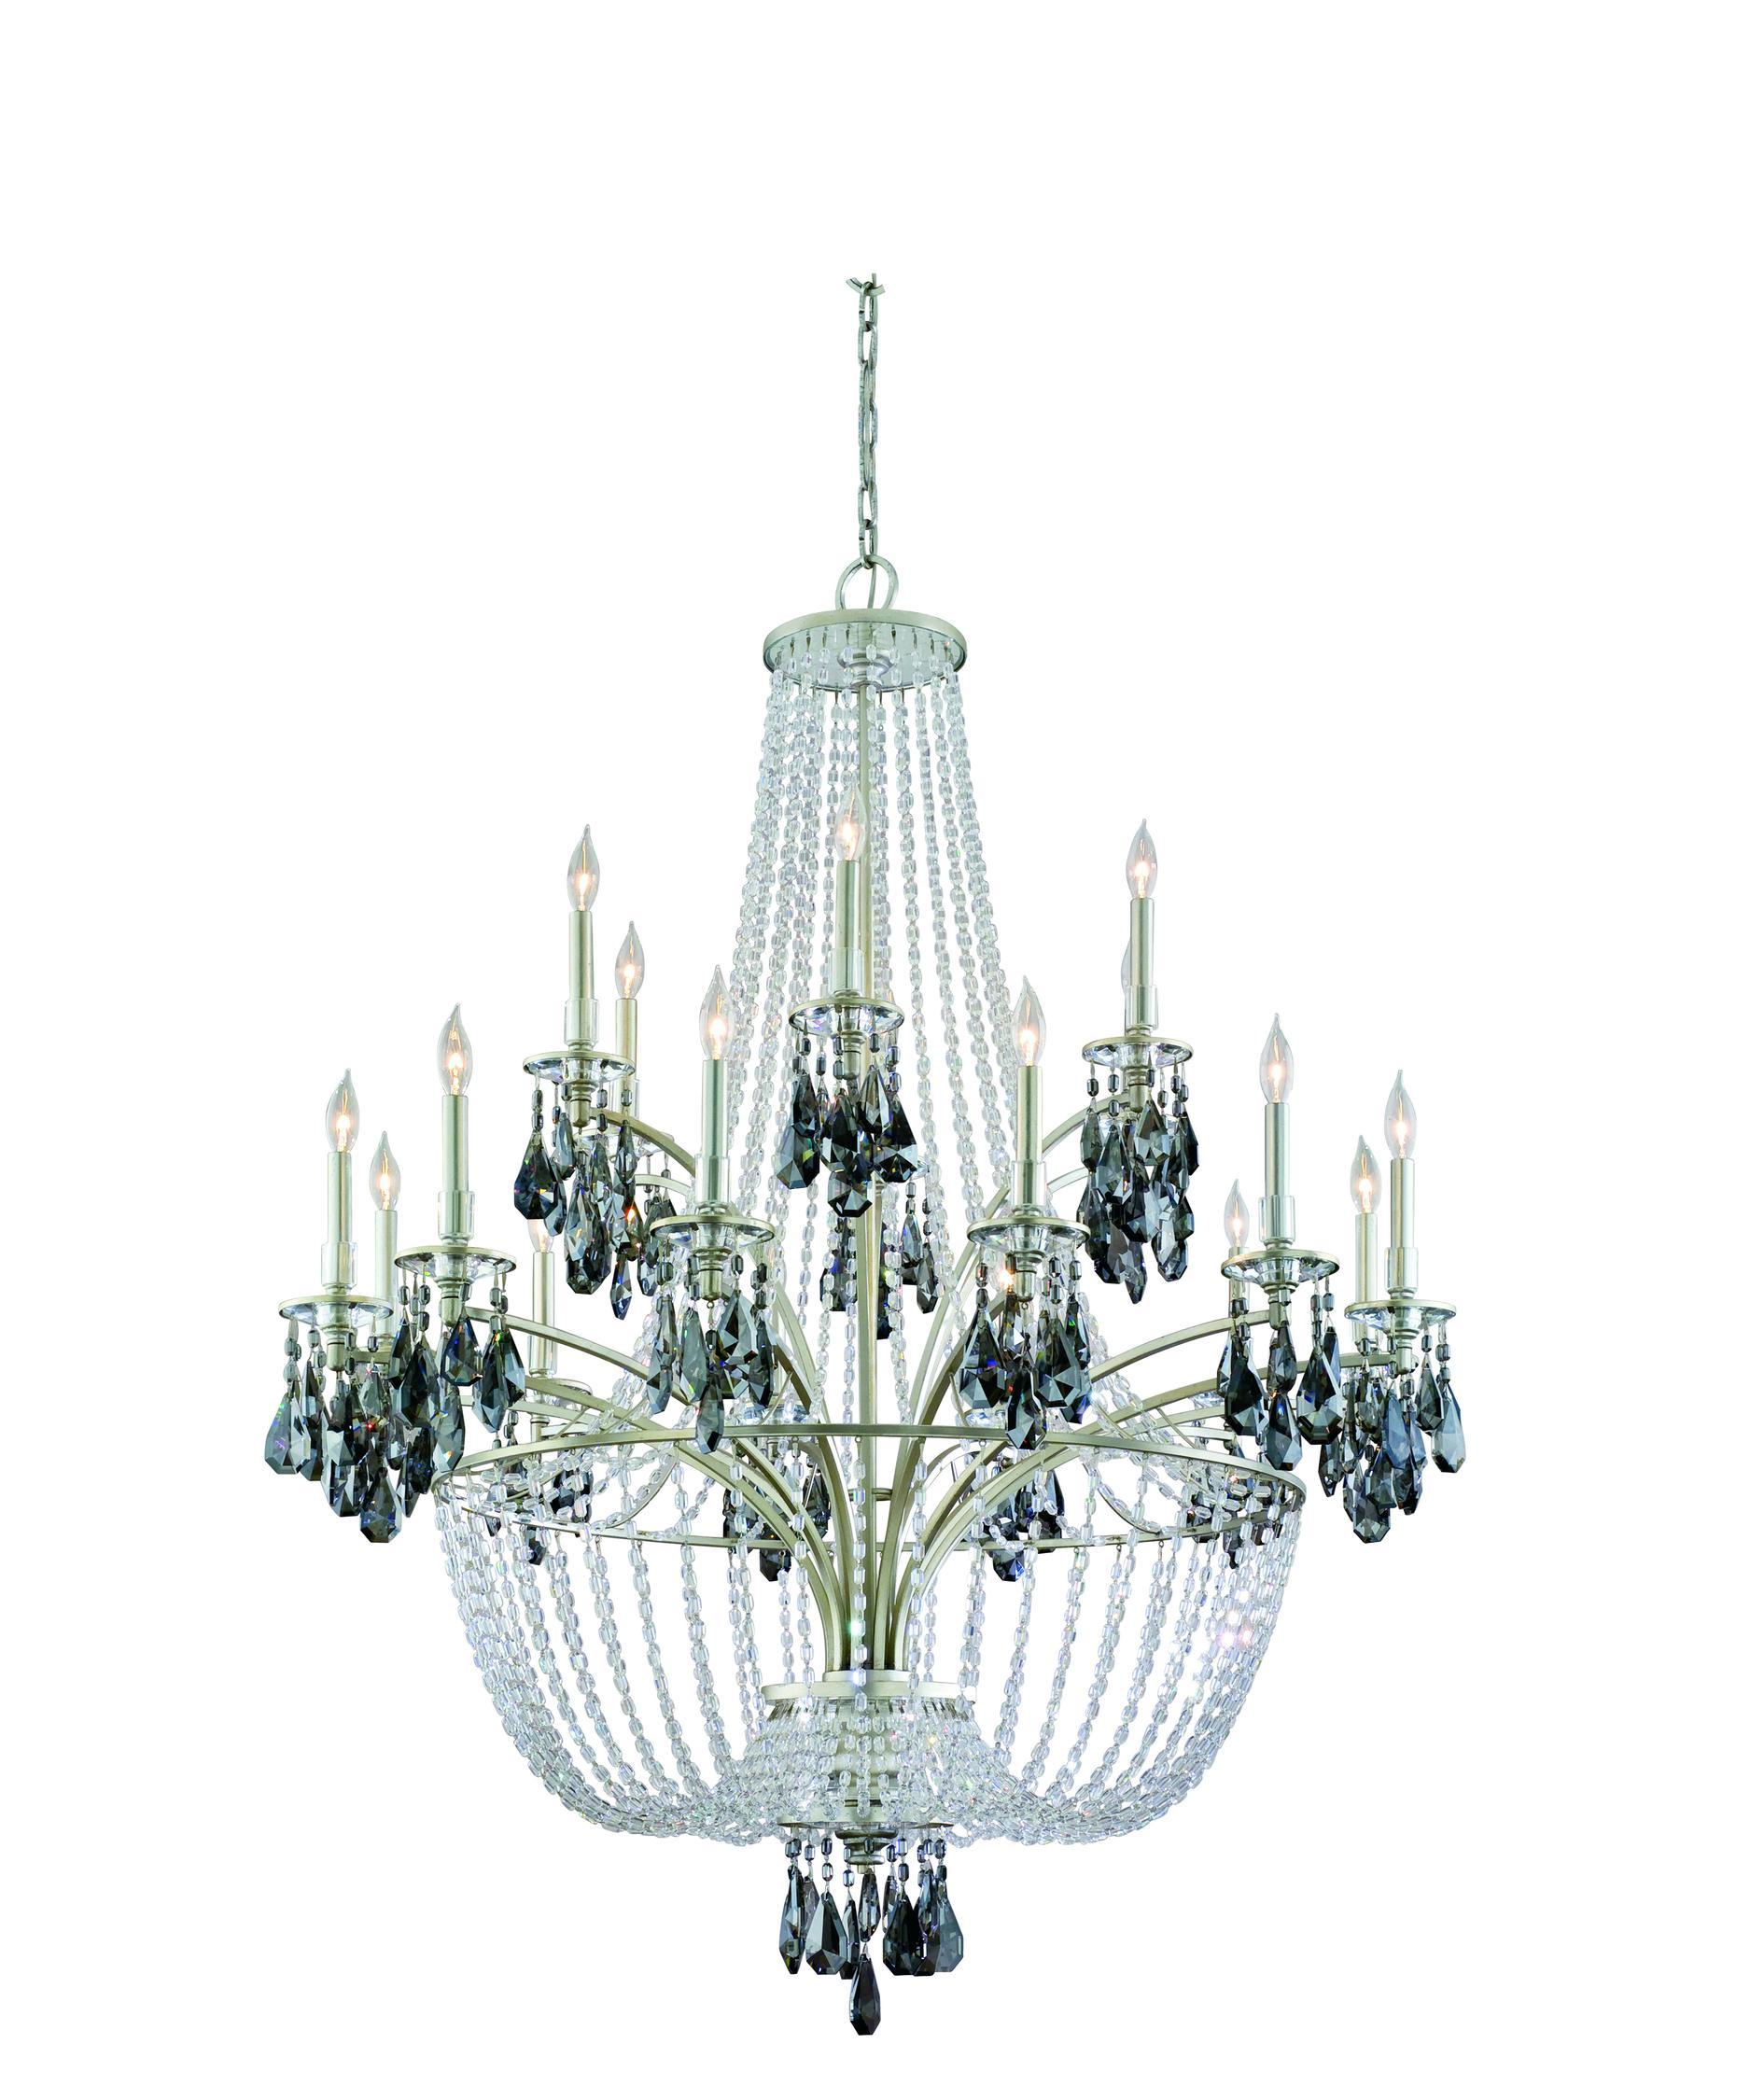 Corbett Lighting La Scala 46 Inch Wide 18 Light Chandelier – La Scala Chandelier